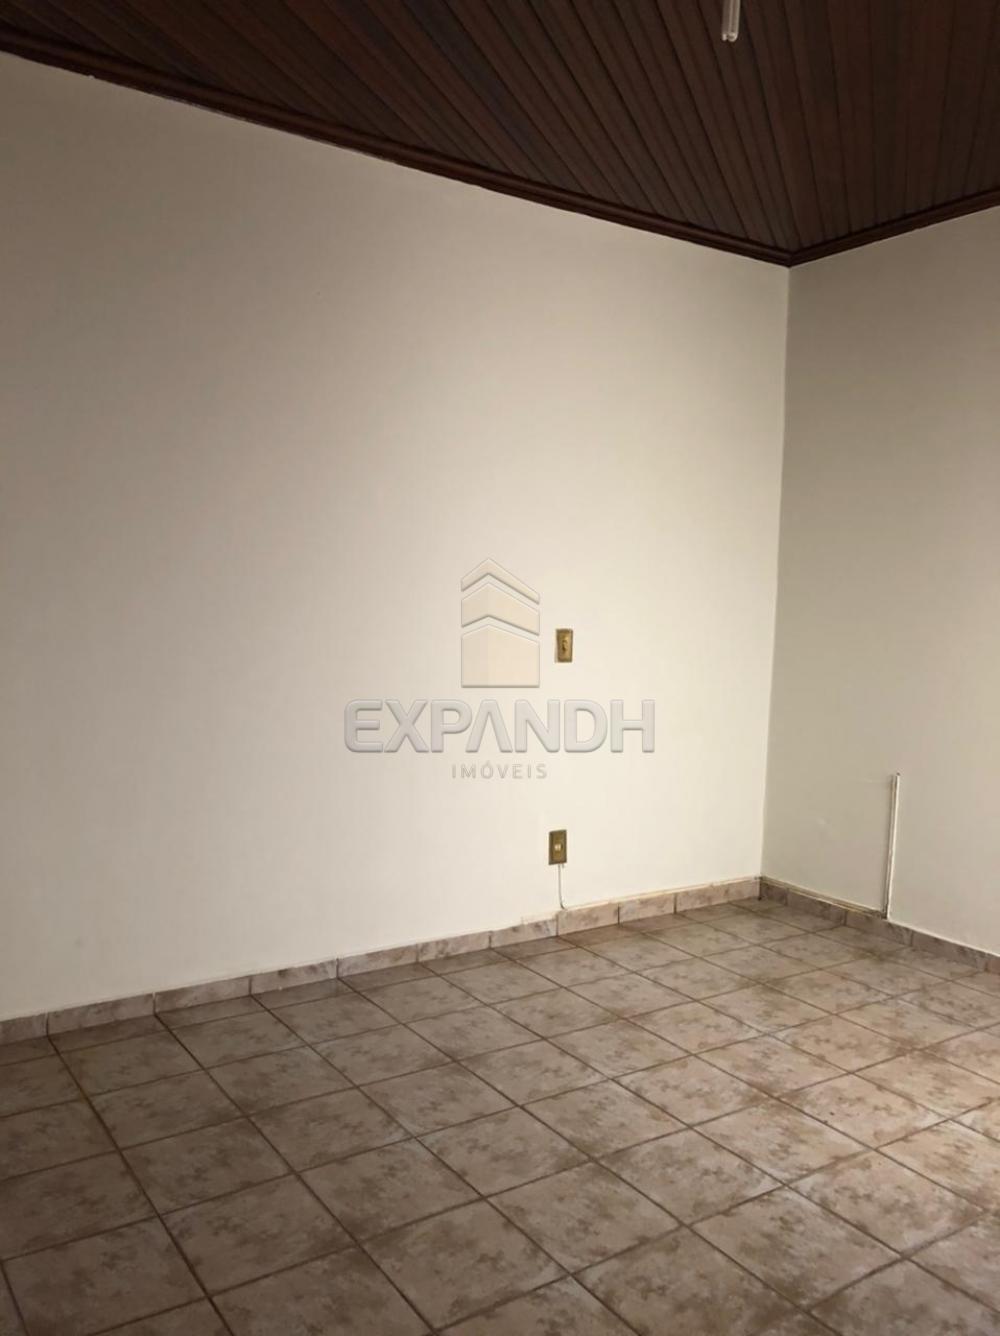 Alugar Casas / Padrão em Sertãozinho R$ 1.100,00 - Foto 5